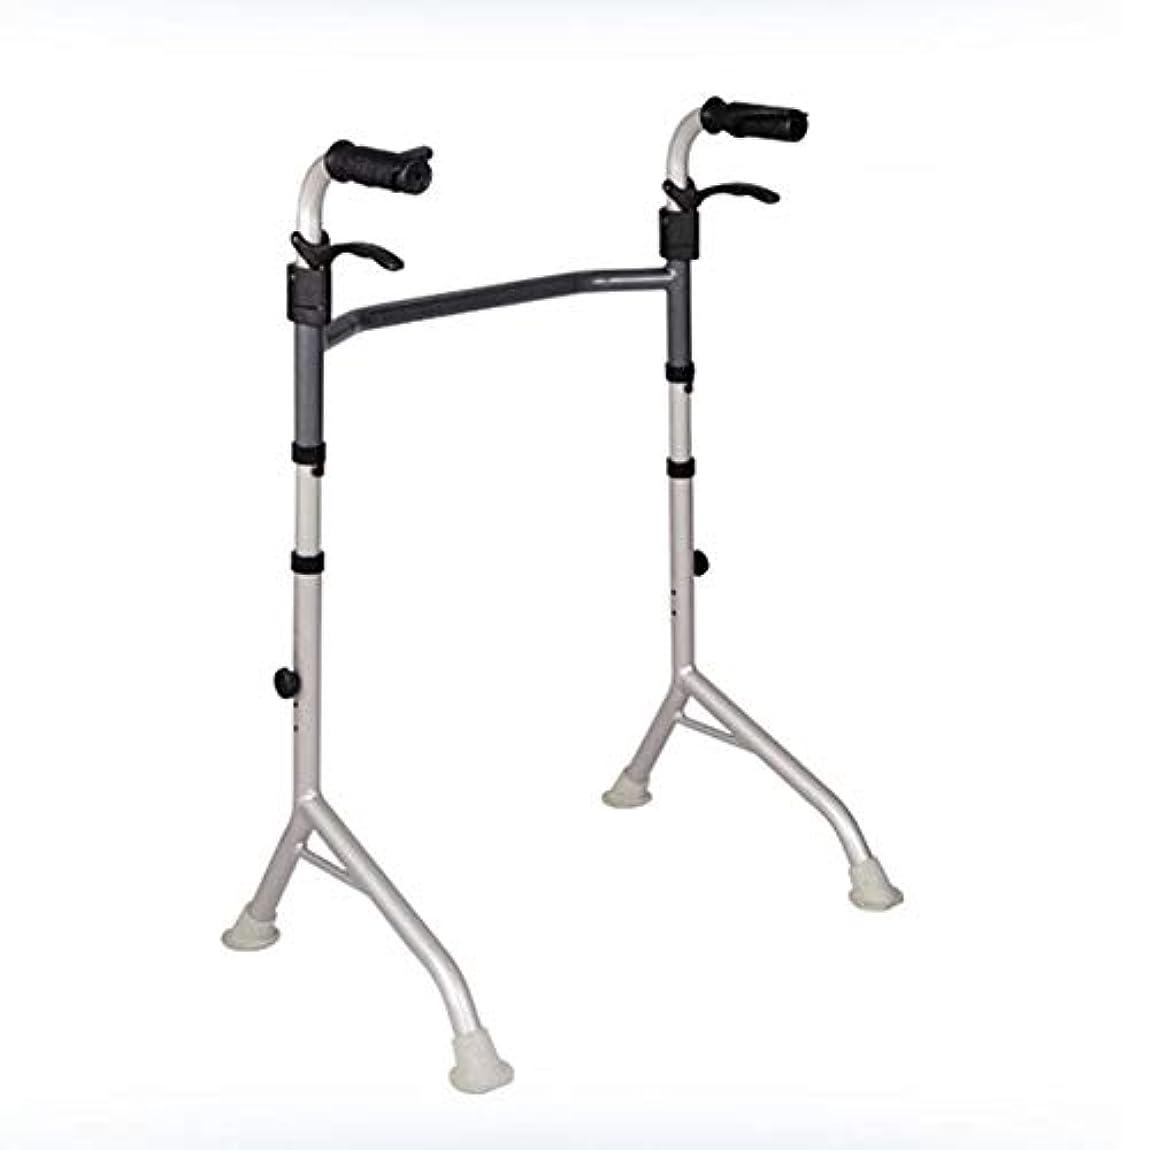 ダイヤルわずかなエール四脚歩行器、高齢者歩行フレーム、リハビリテーション立ちアームレスト、歩行補助